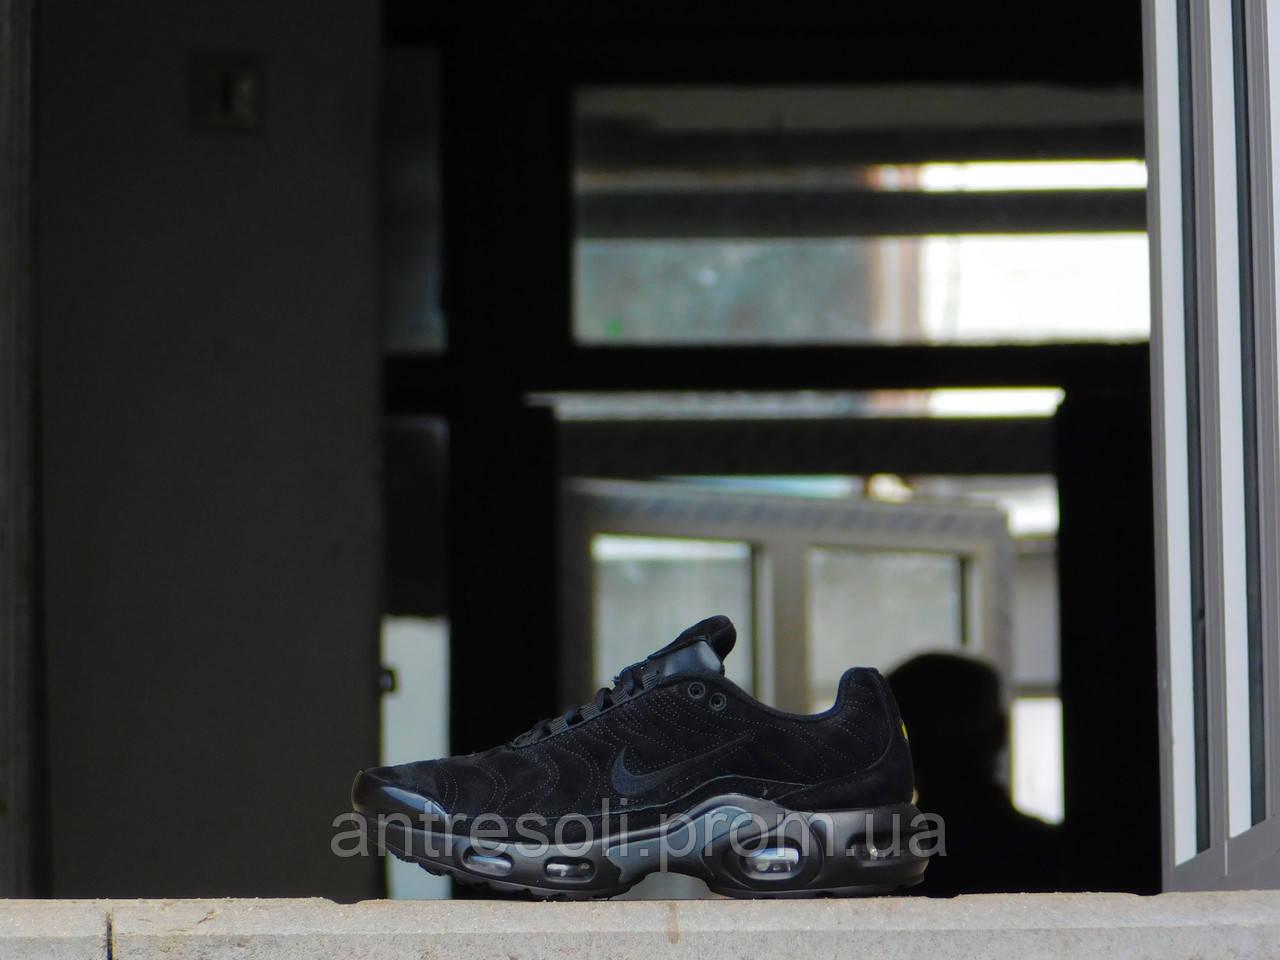 Женские  кроссовки Nike AirMax 95 Черные 10353